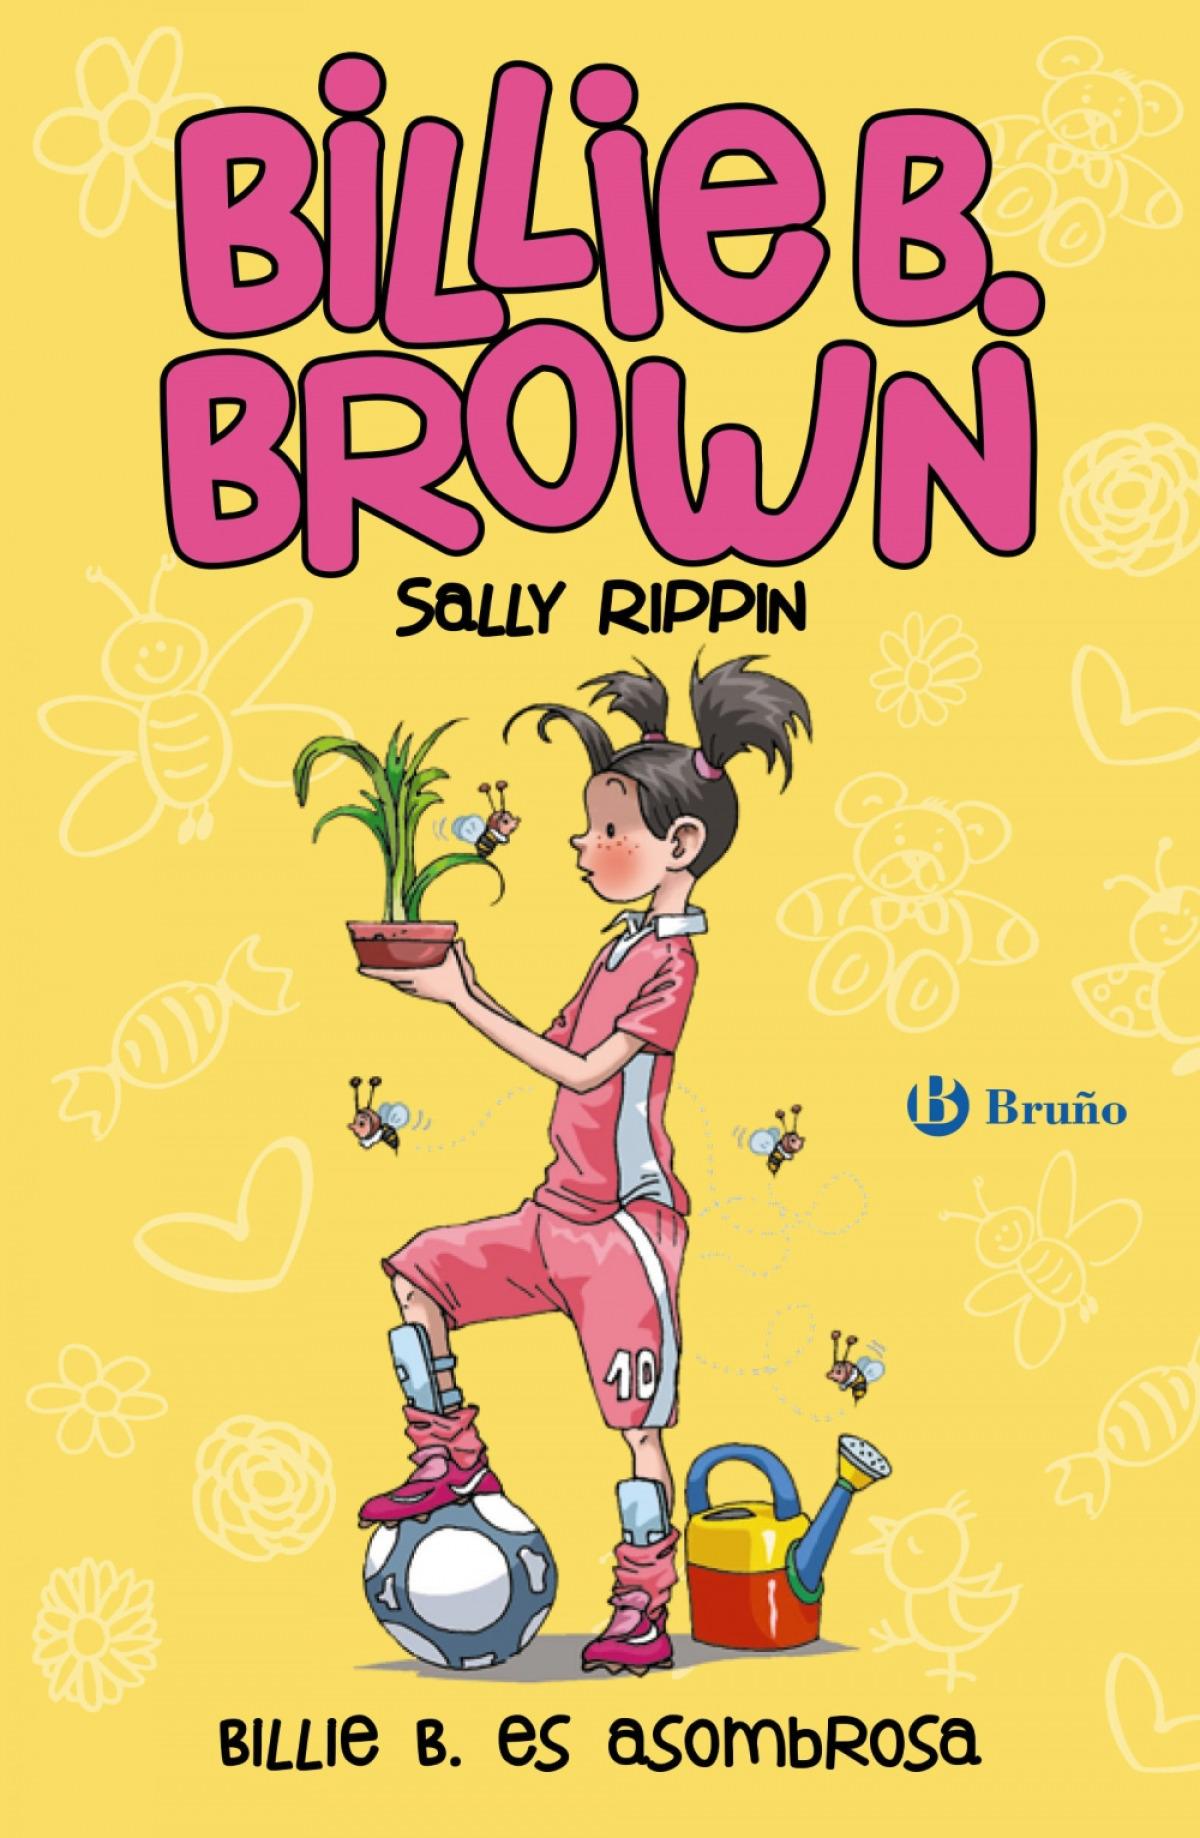 Billie B. Brown, 11. Billie B. es asombrosa